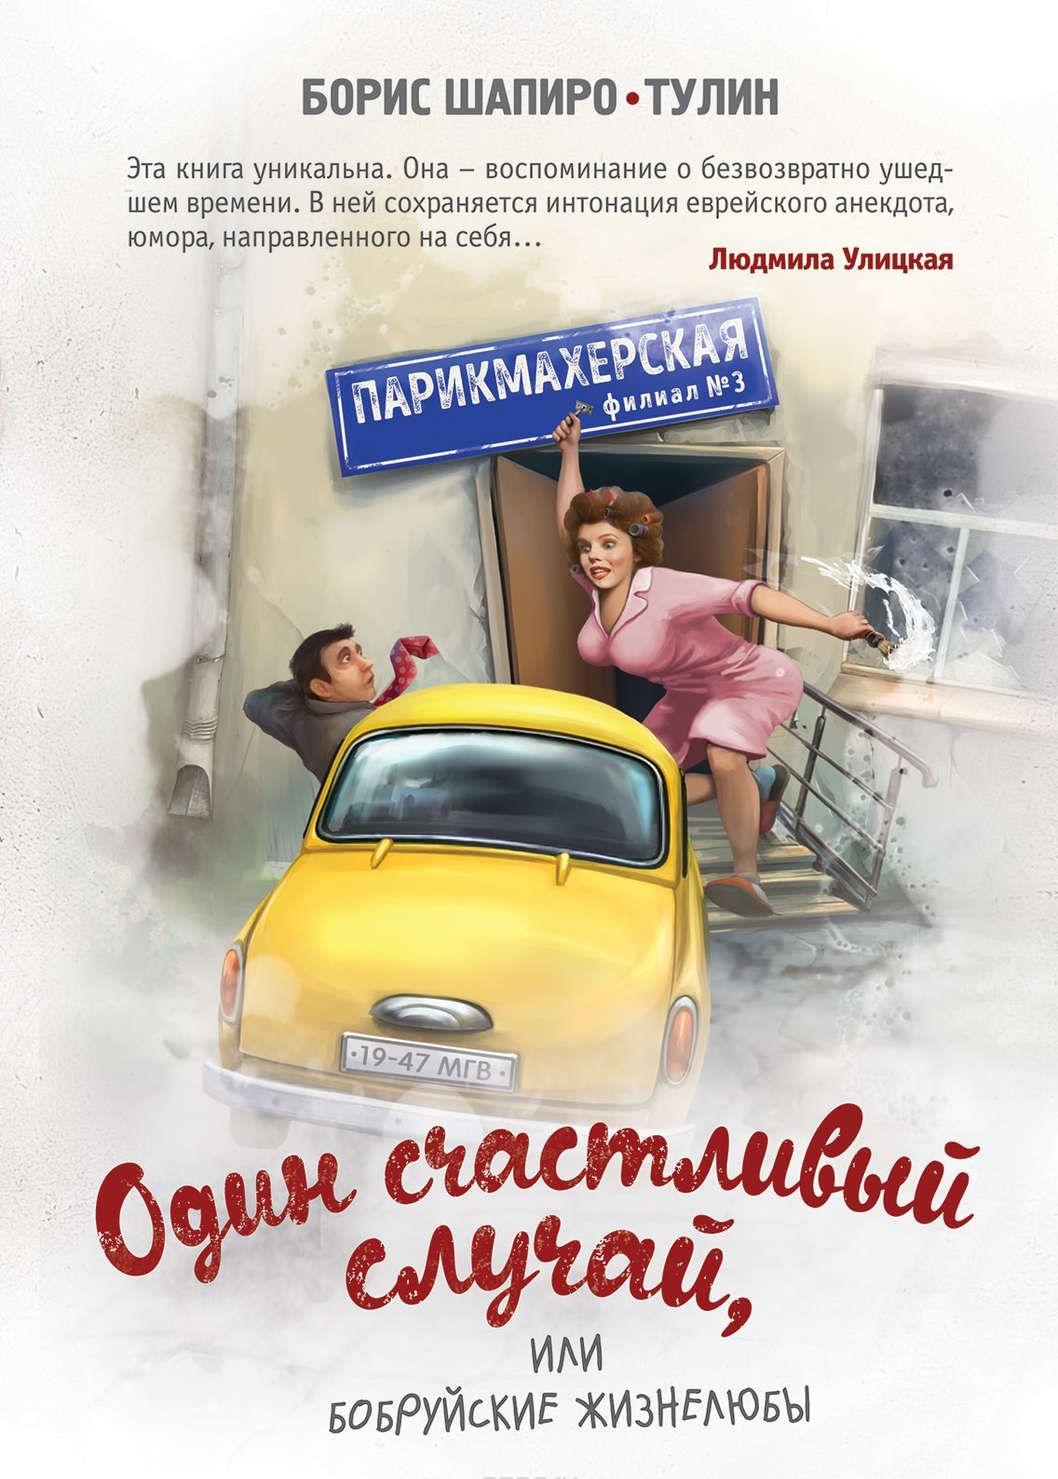 Купить Один счастливый случай, или Бобруйские жизнелюбы, Борис Шапиро-Тулин, 978-5-699-84194-3